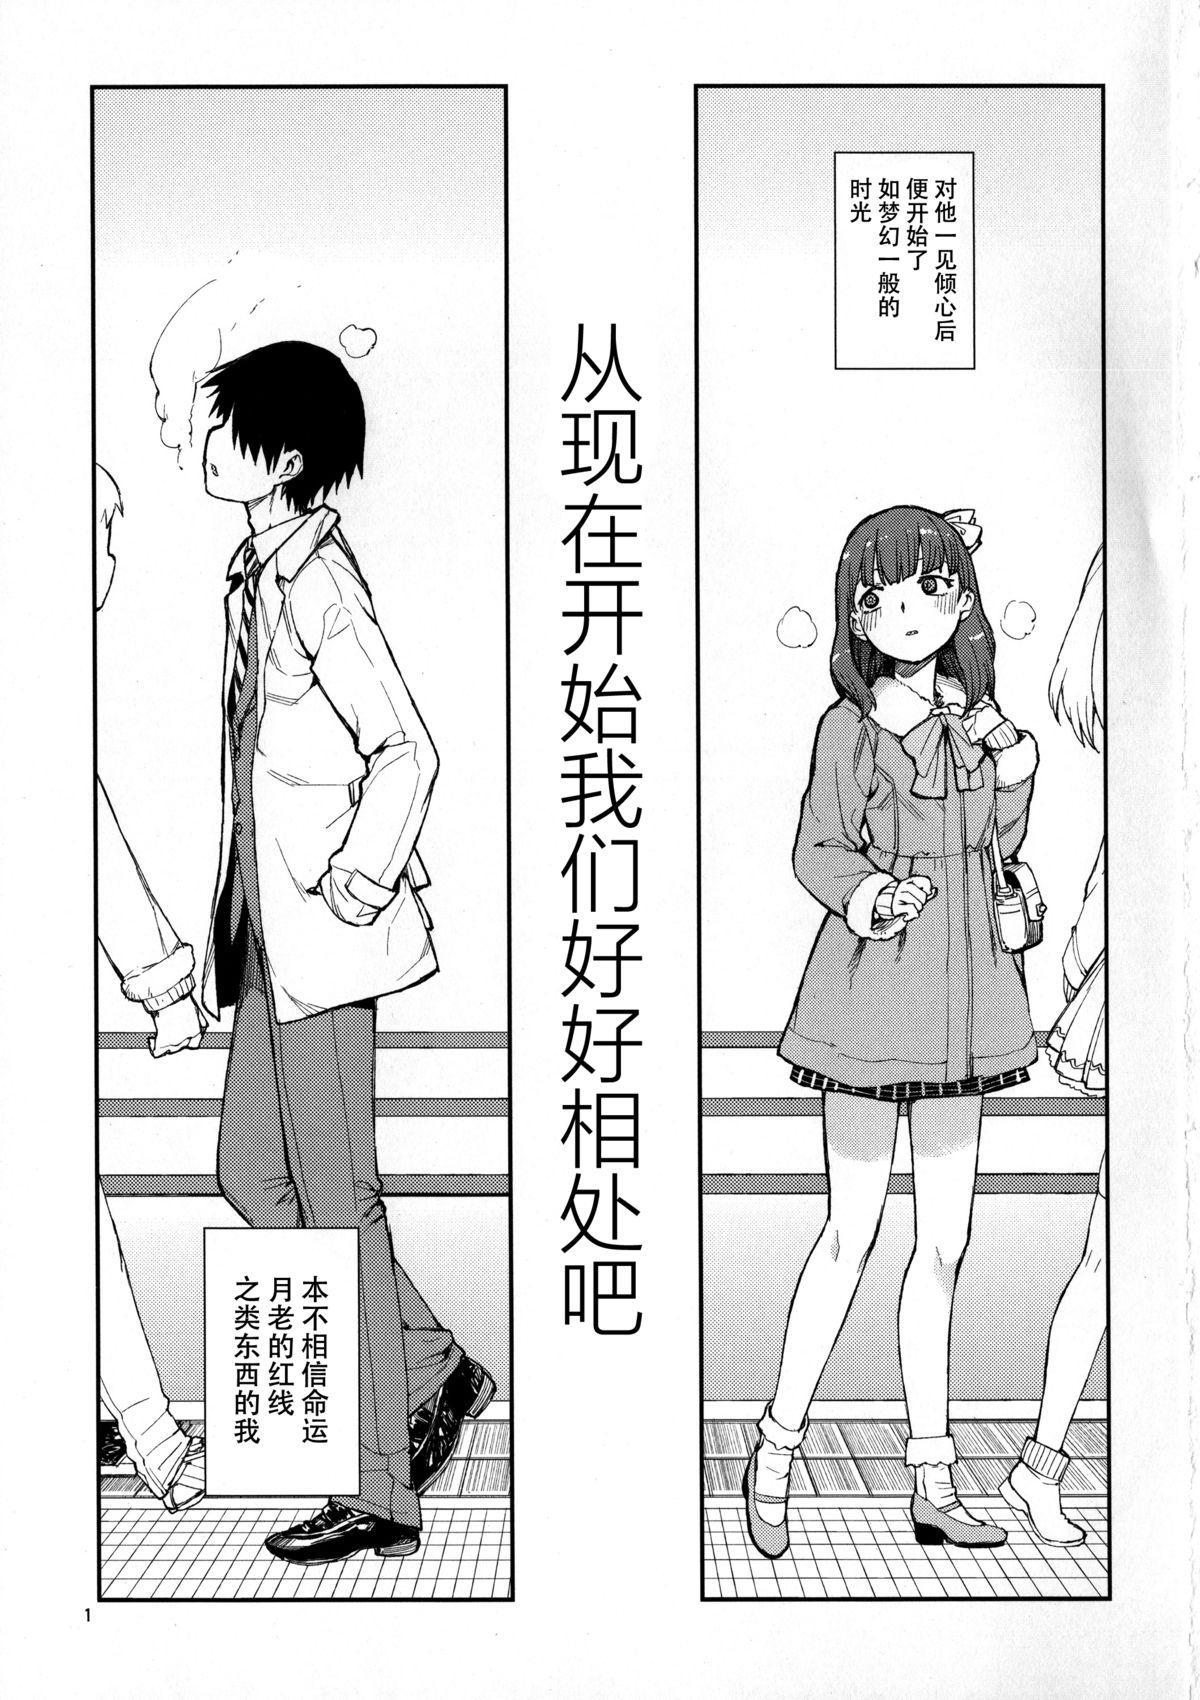 Korekara Nakyoku Shimashou ne 2